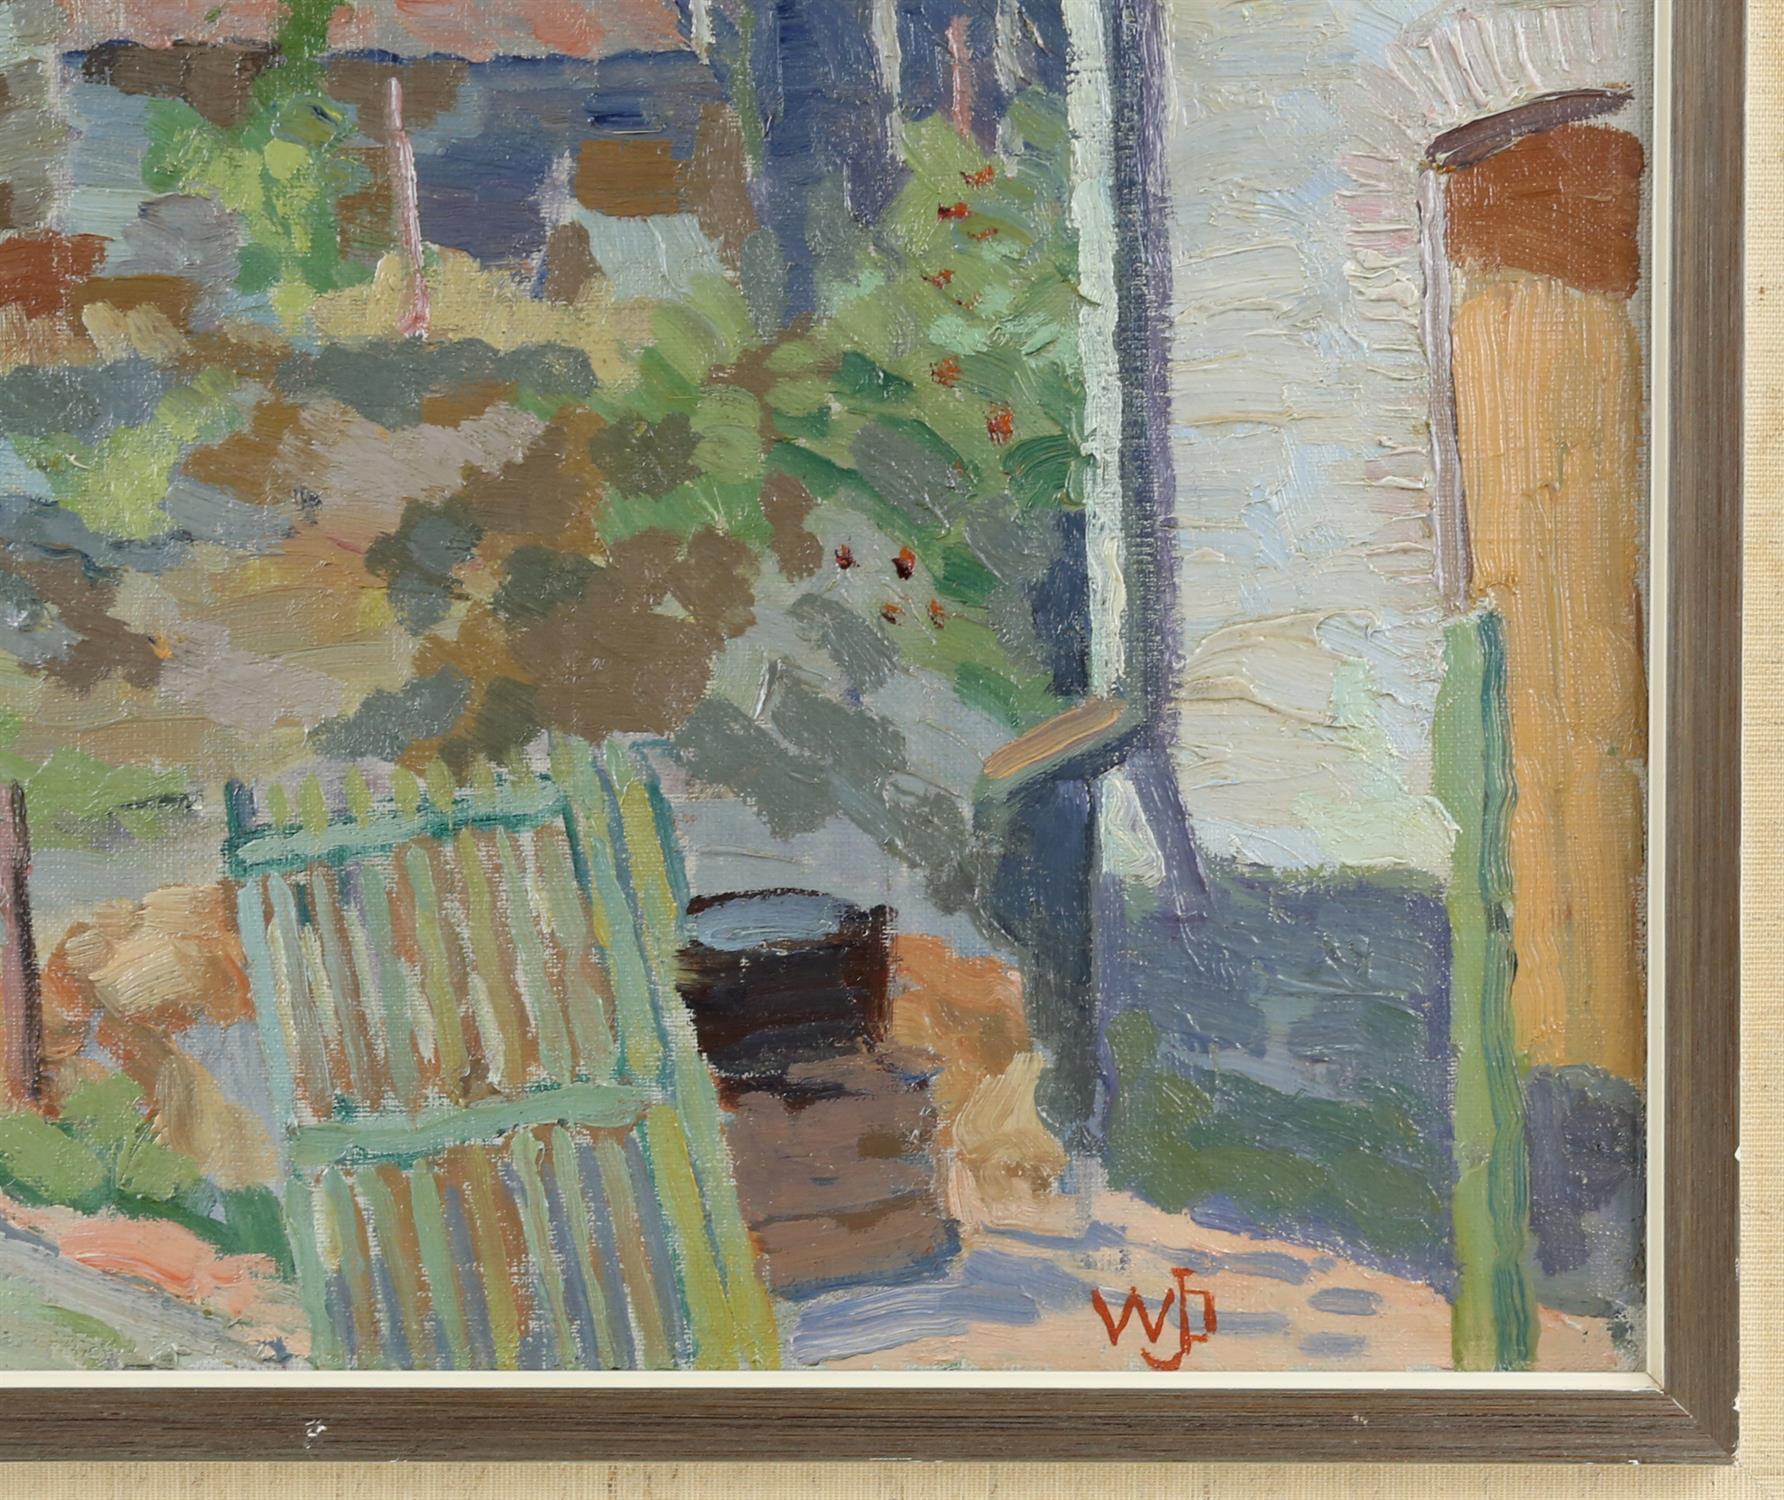 Willem Jans Dijk, Dutch 1881-1970, 'Waulsort, Belgium', street scene with houses, monogrammed, - Image 3 of 4